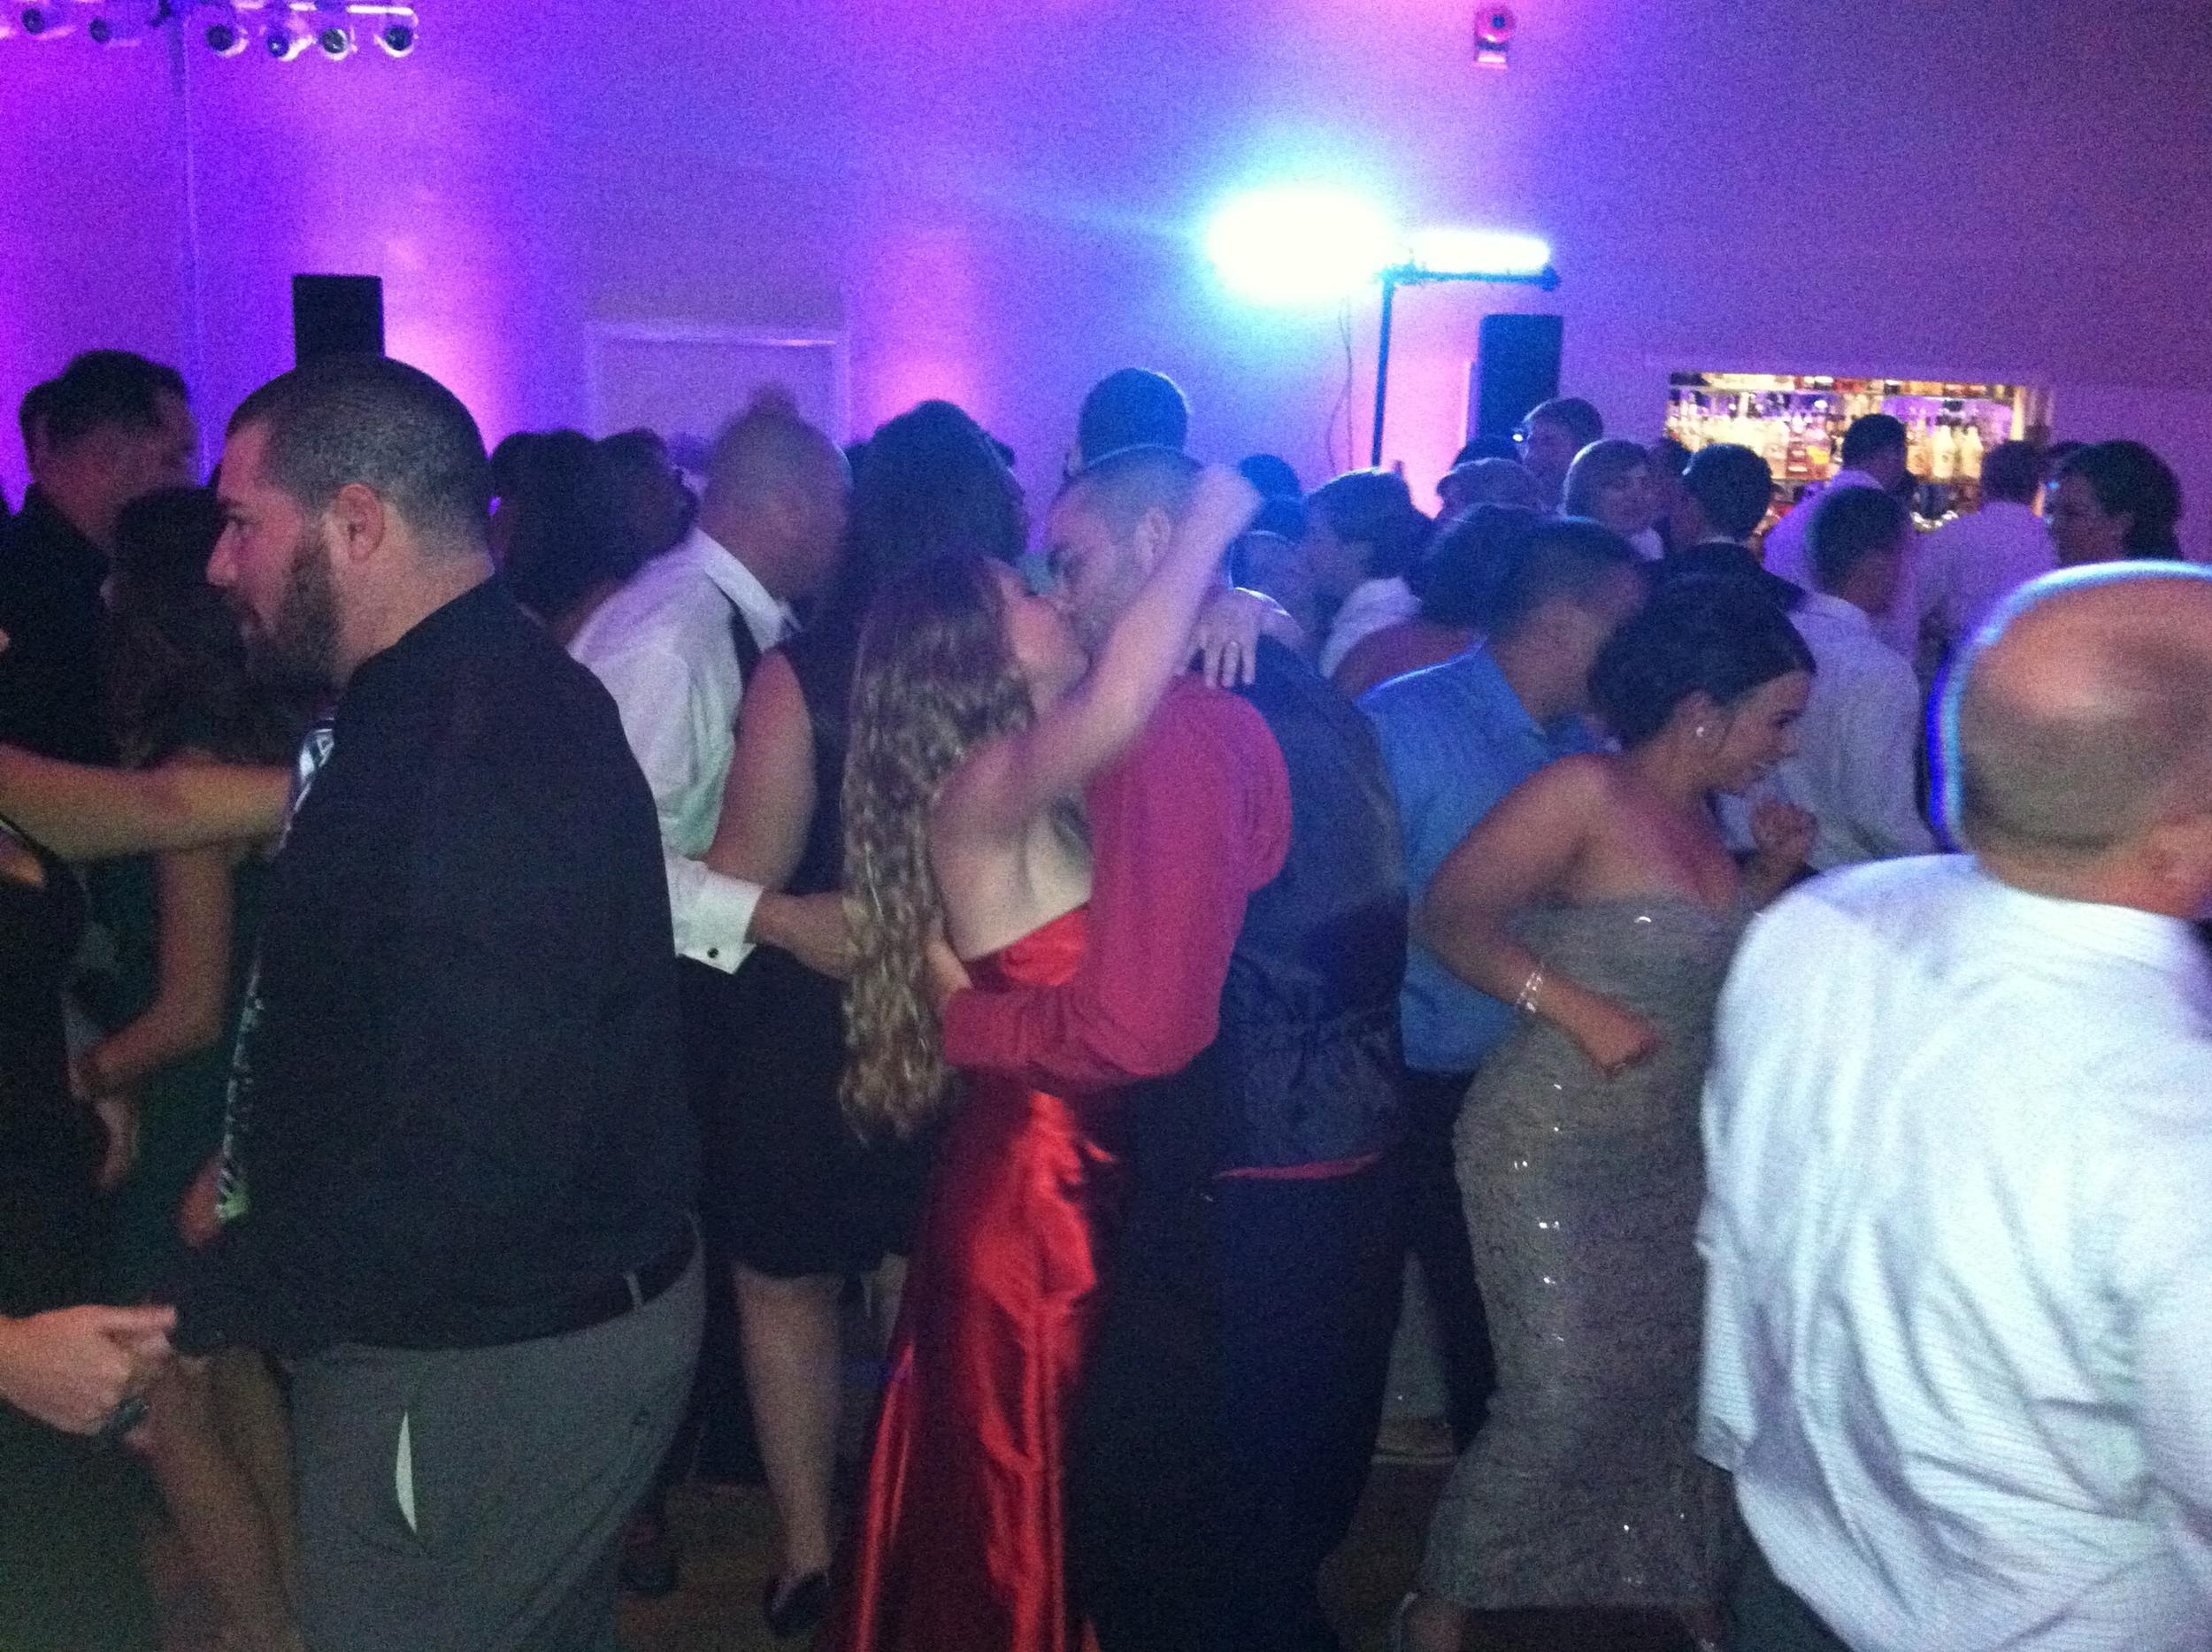 Love on the dance floor.